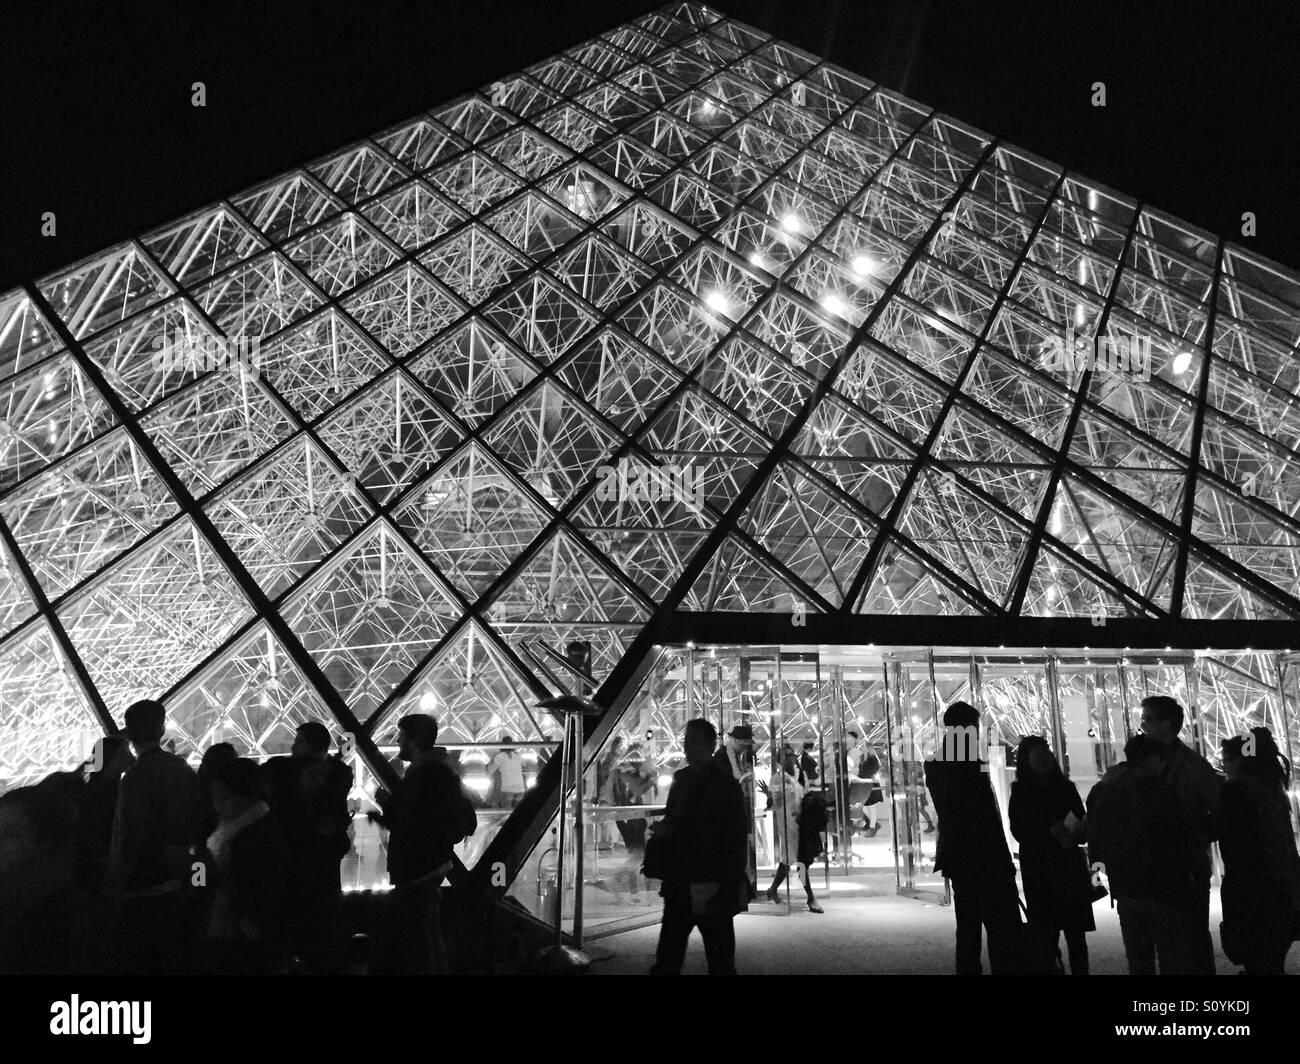 Silhouetten von Menschen stehen vor der Klasse Pyramide des Louvre in Paris. Stockbild